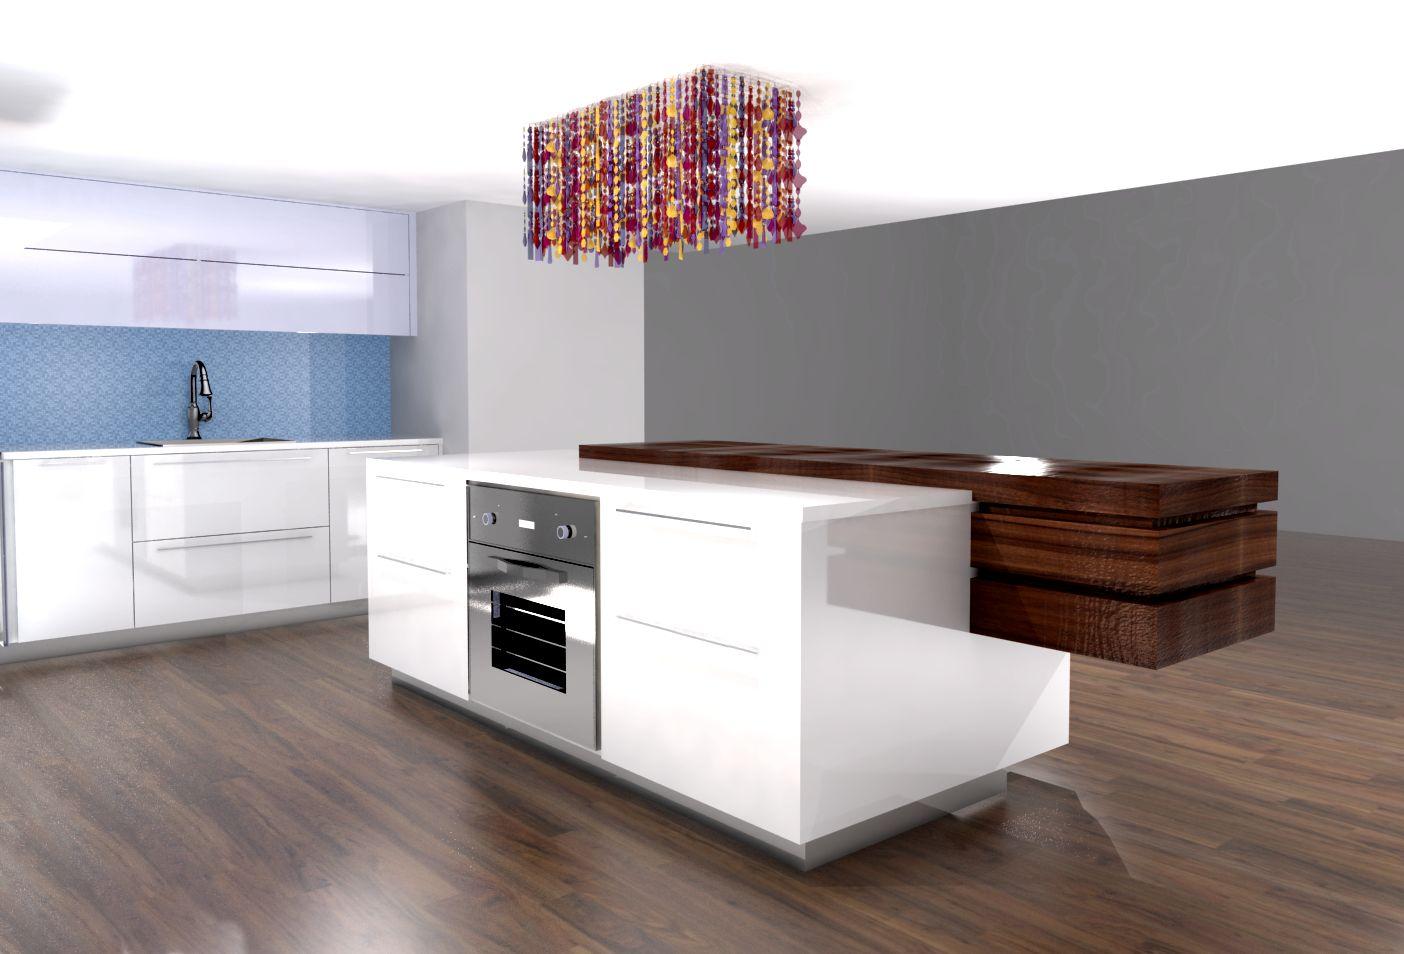 High gloss lacquer white kitchen modern kitchen london by lwk - 28 Gloss White Kitchen Island High Gloss Kitchens